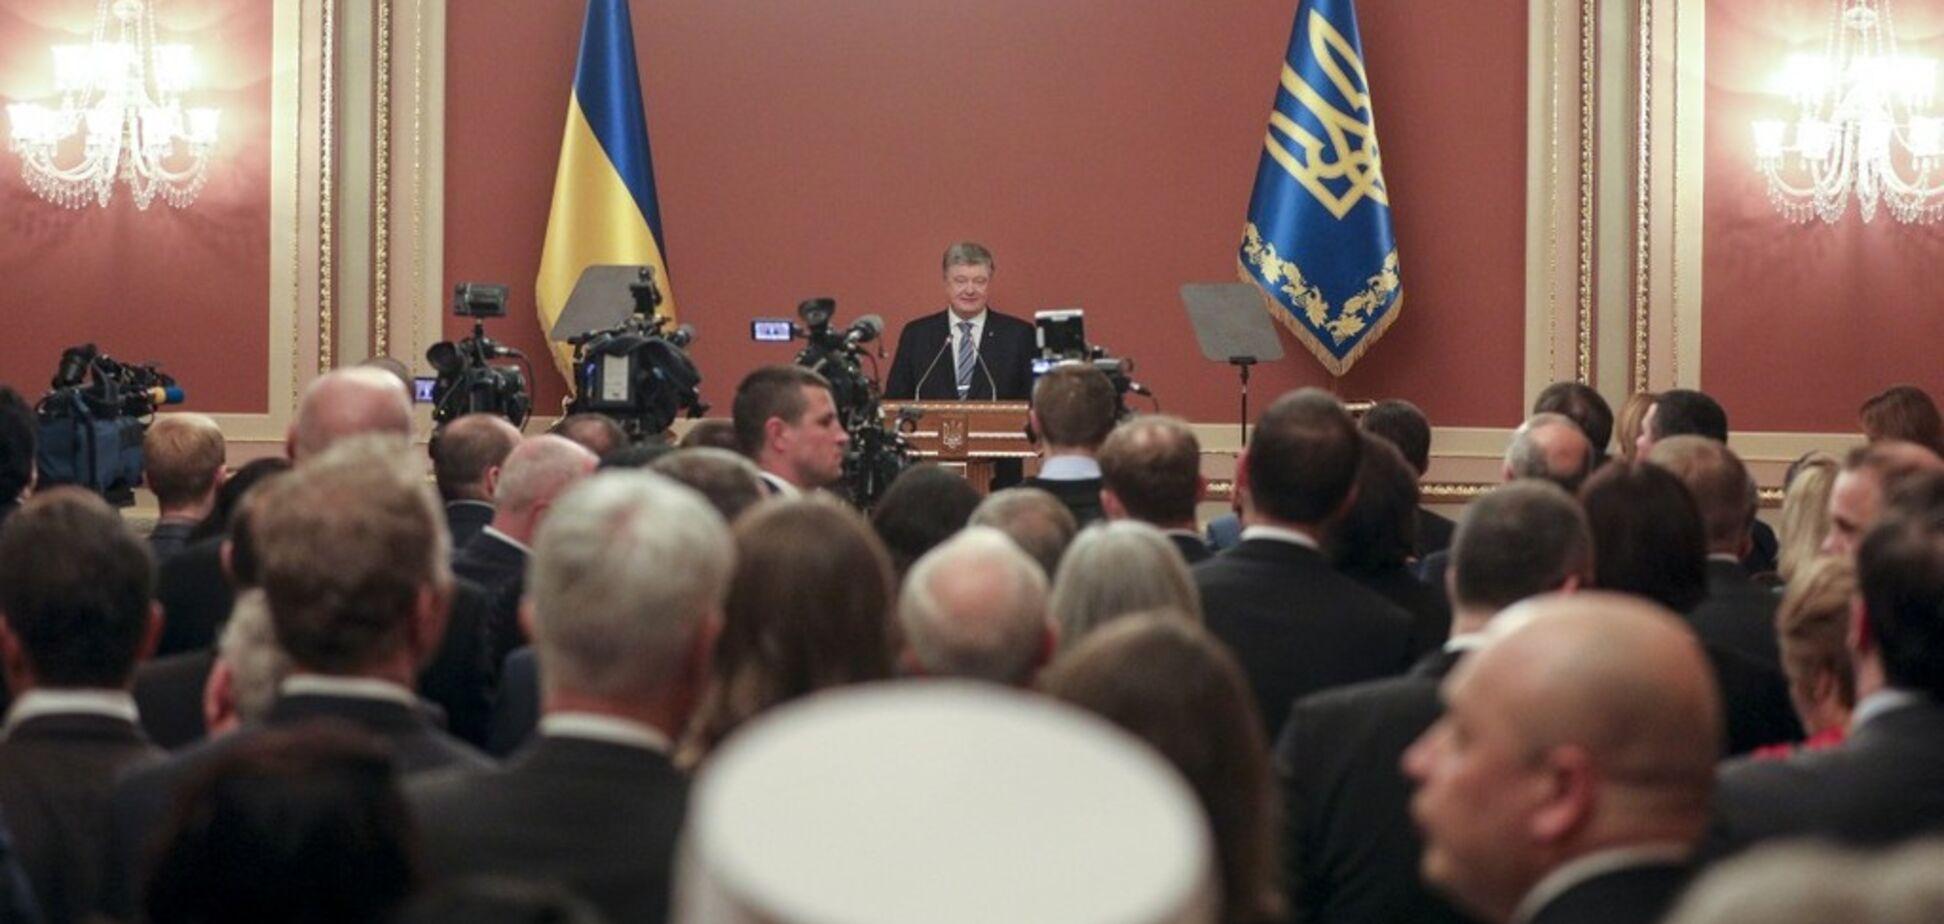 'Холодный душ' для Путина: Порошенко сказал, когда вернет Крым и Донбасс